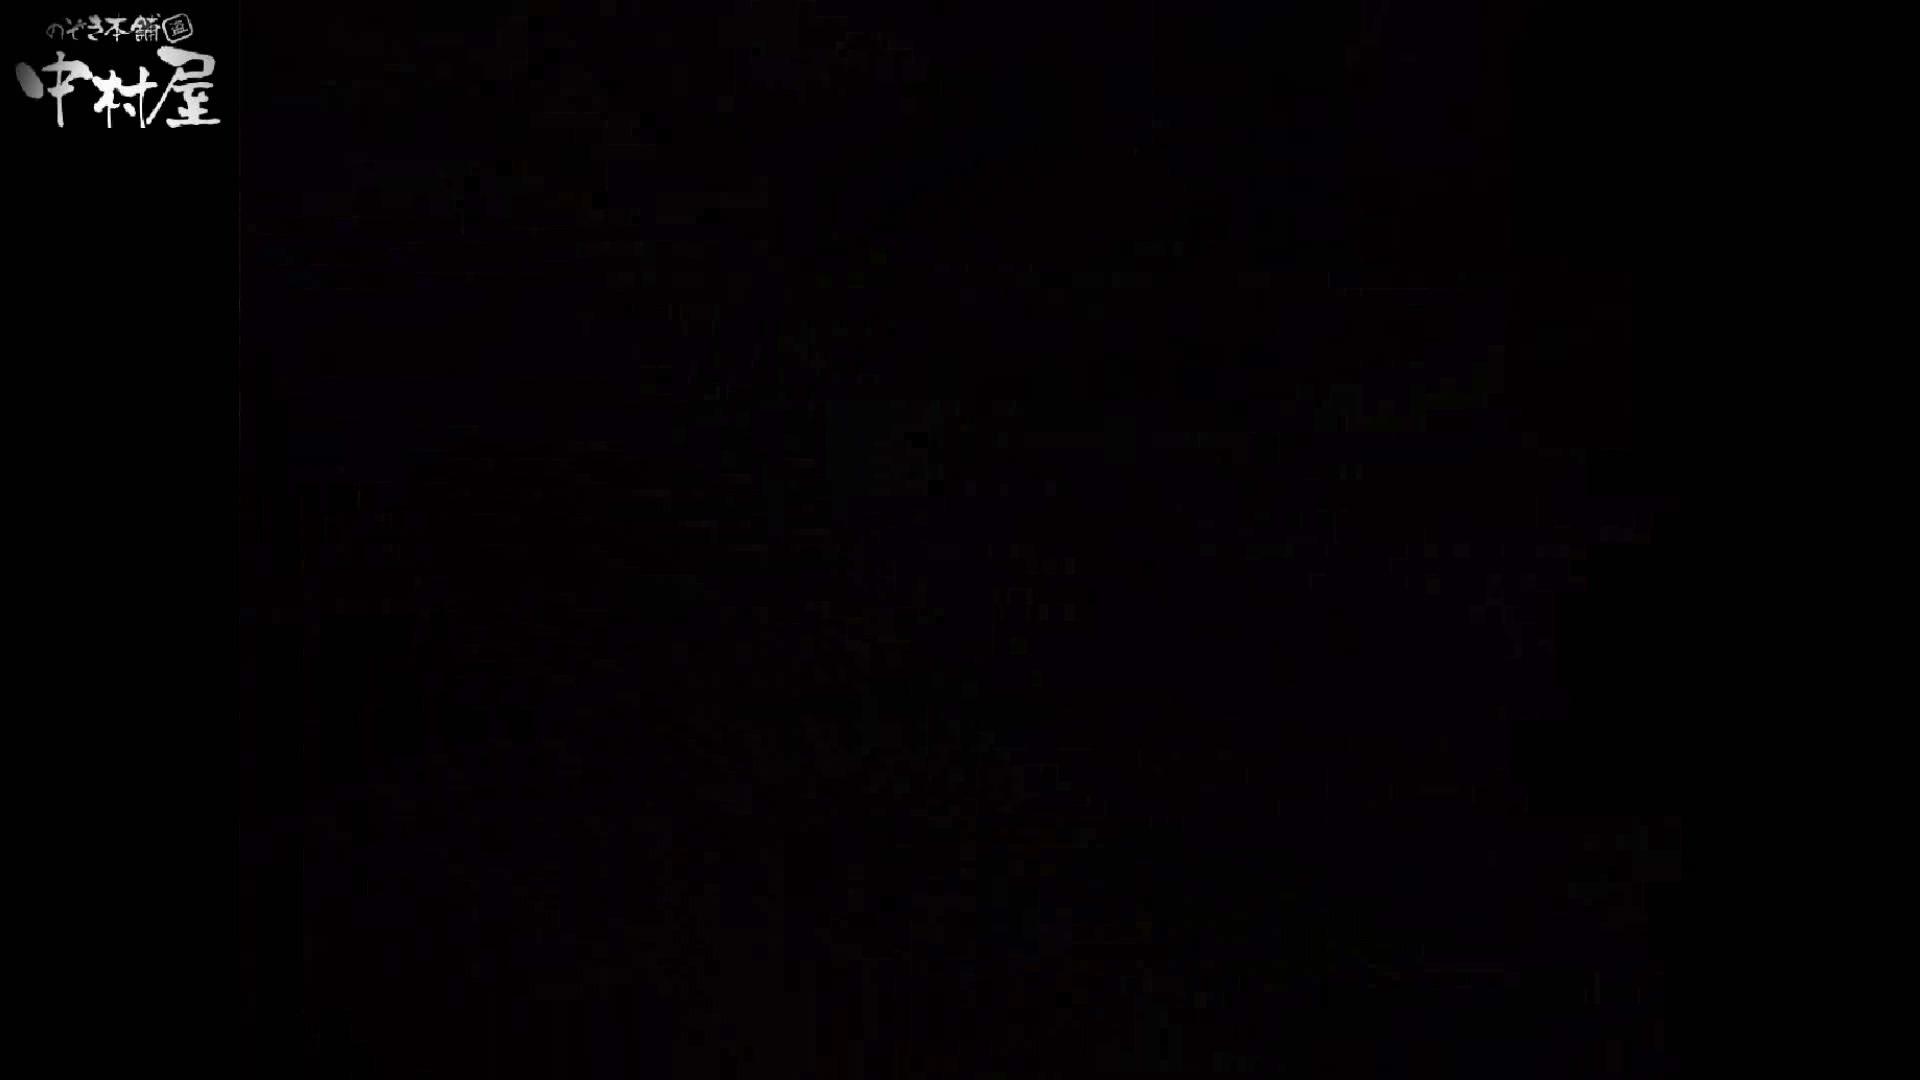 民家風呂専門盗撮師の超危険映像 vol.015 OLのエロ生活 ワレメ無修正動画無料 107連発 56